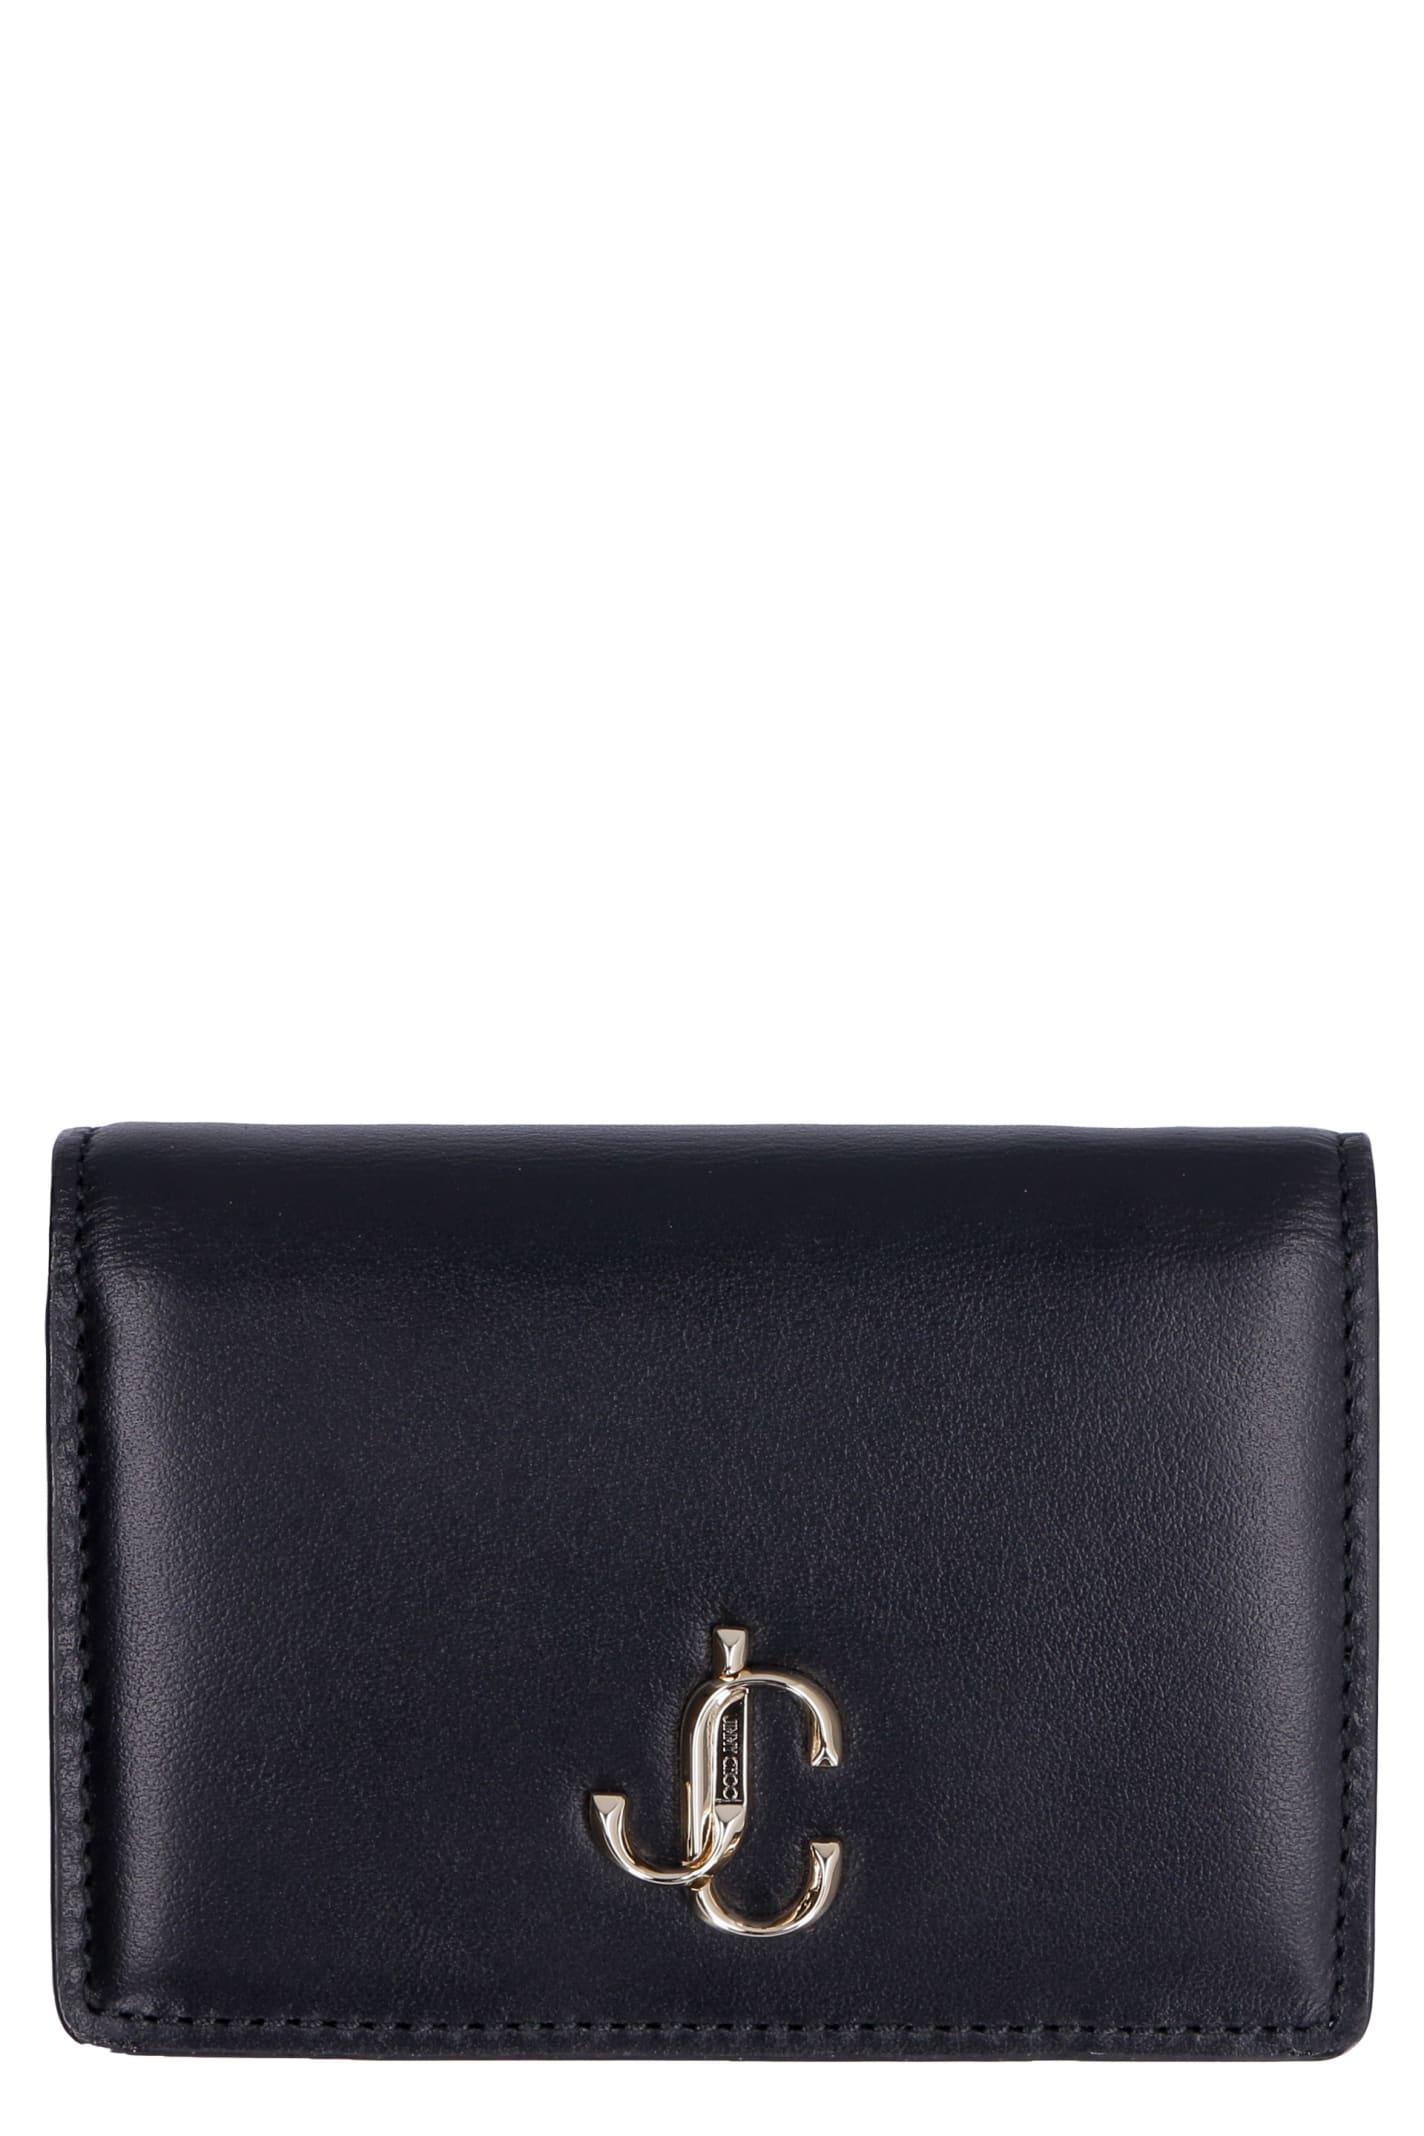 Jimmy Choo Myah Leather Wallet